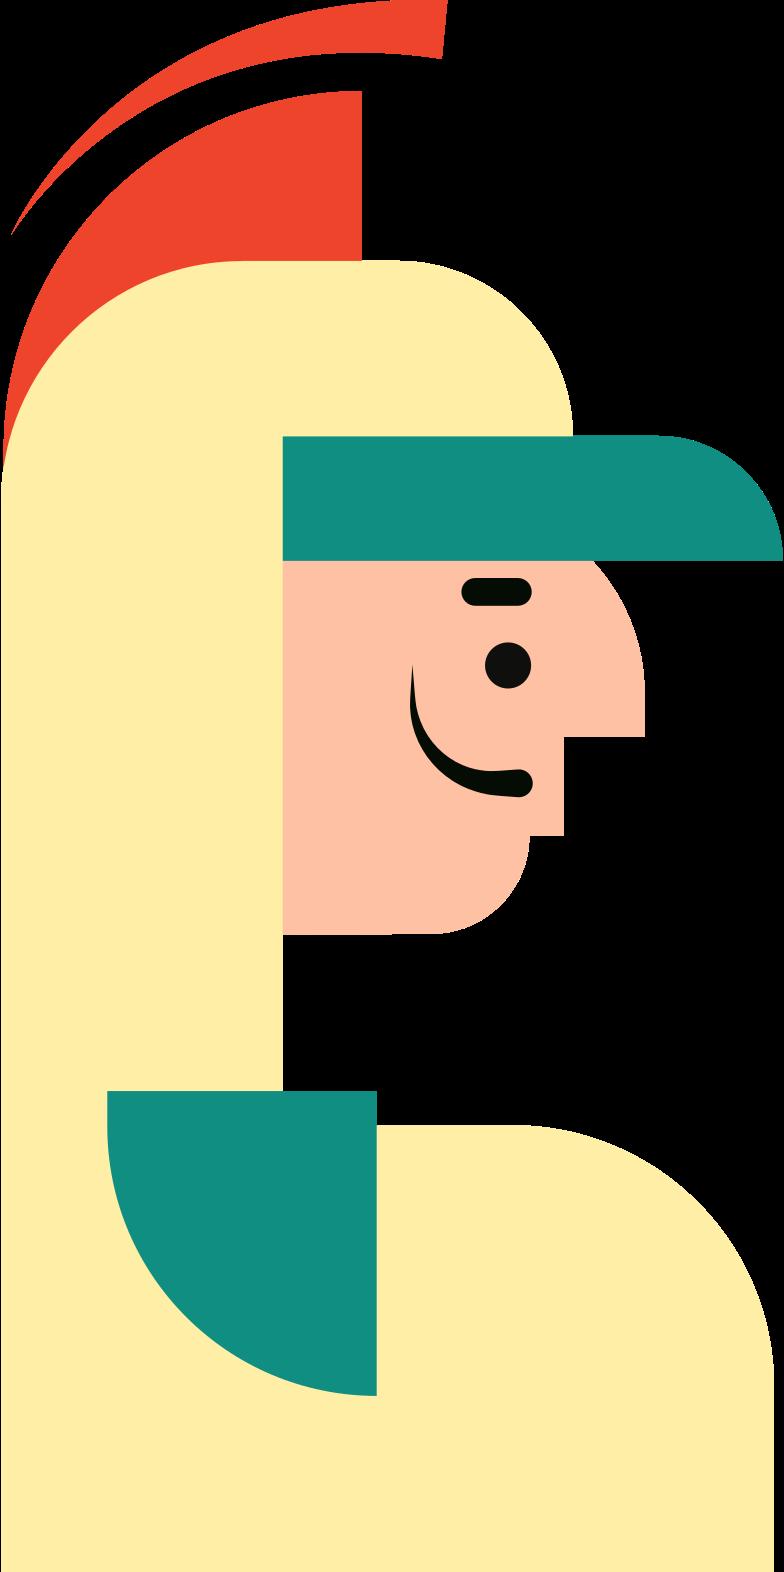 Иллюстрация пожарный в стиле  в PNG и SVG | Icons8 Иллюстрации